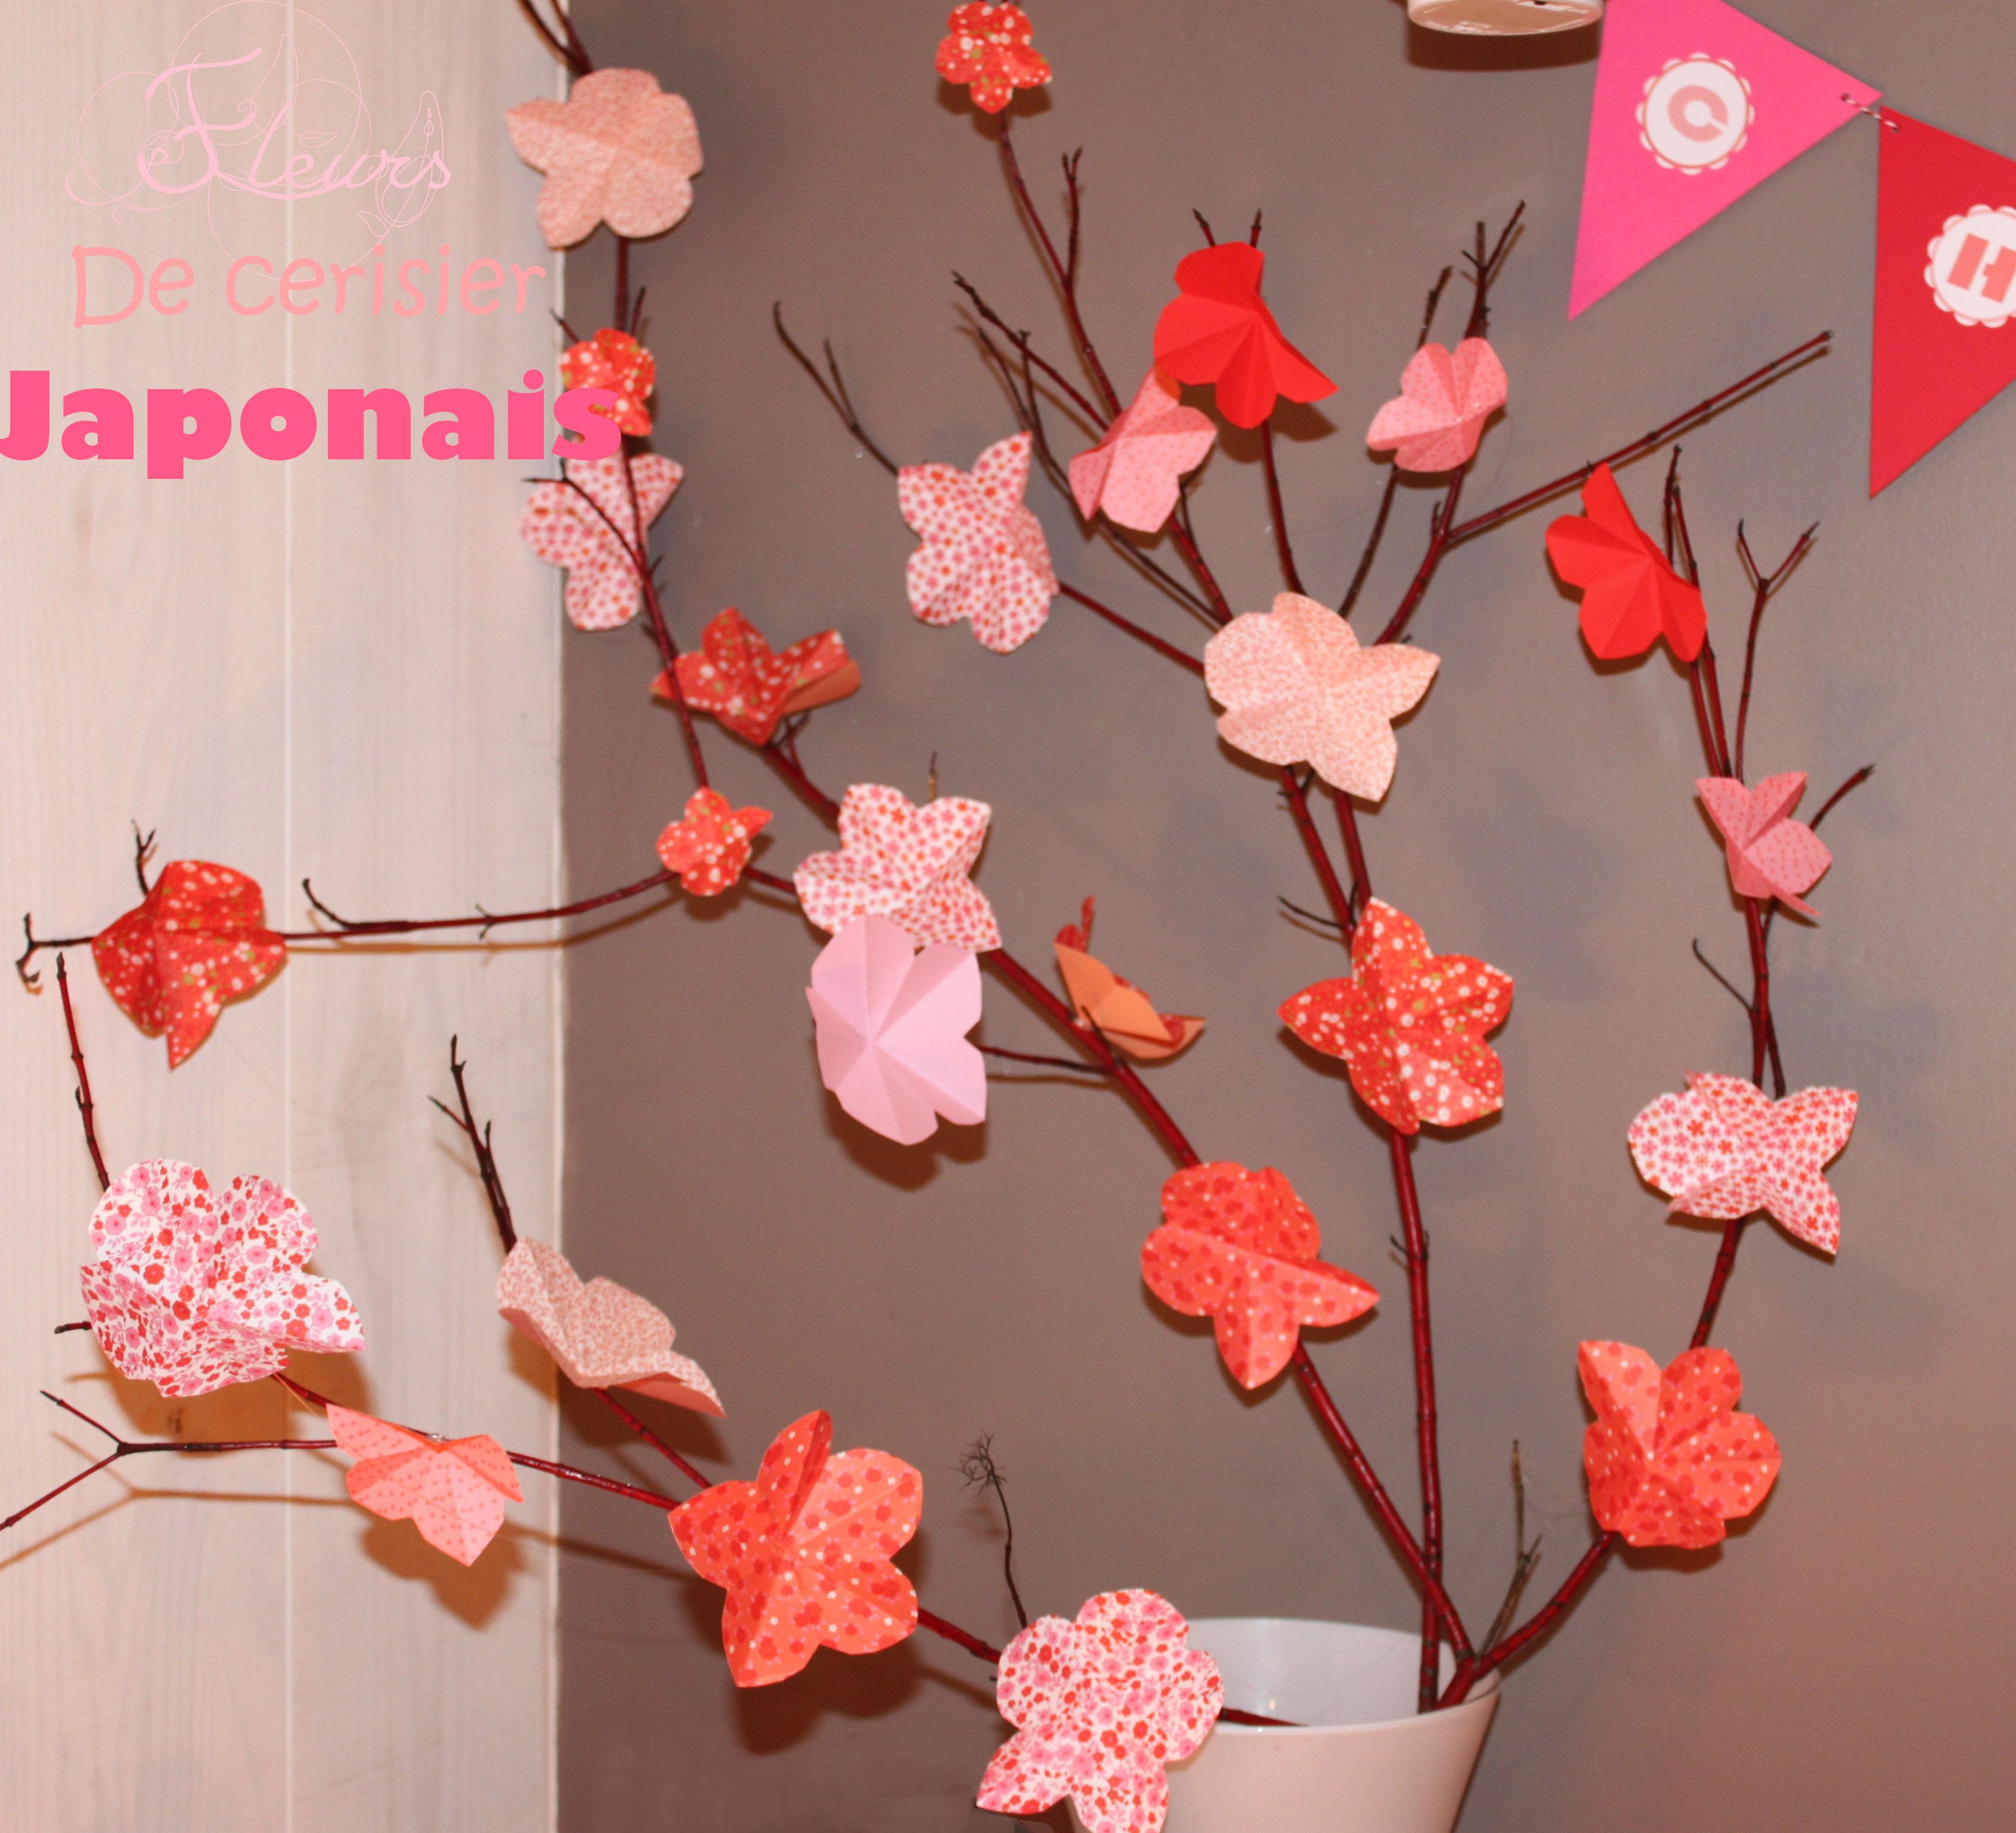 diy cr er des fleurs de cerisiers japonais la fabricamania. Black Bedroom Furniture Sets. Home Design Ideas